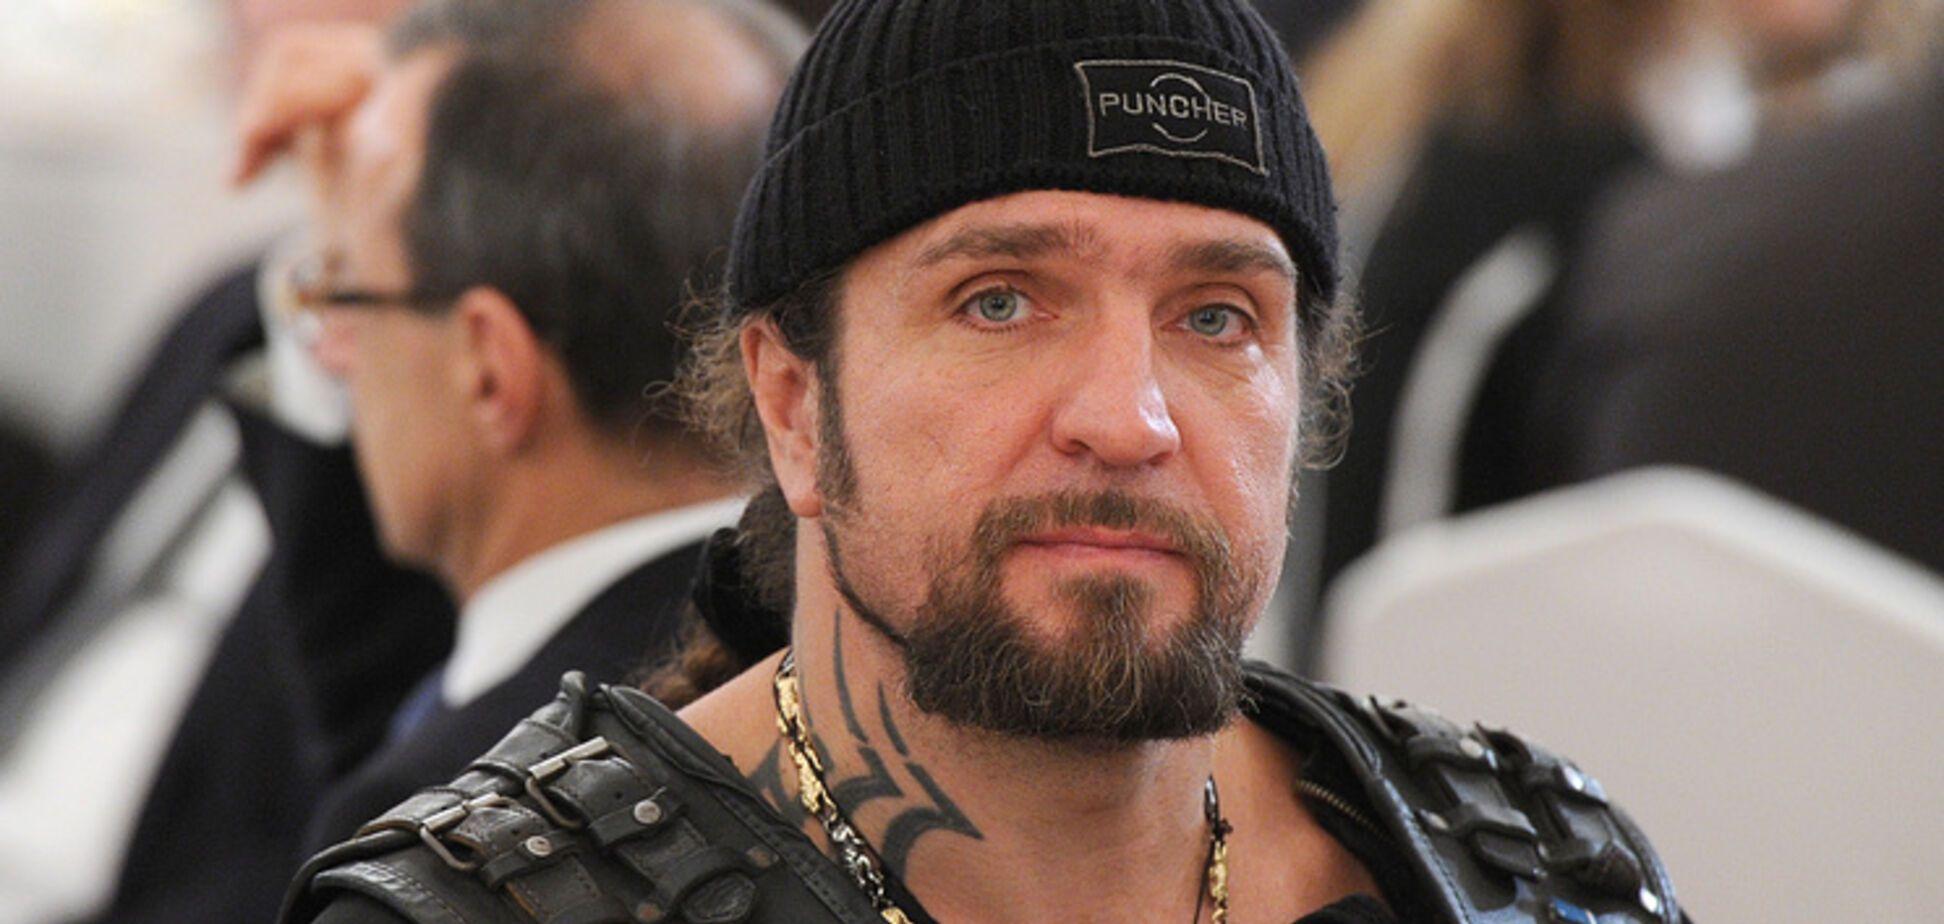 Любимый байкер Путина рассказал, как избил знаменитого пропагандиста Кремля